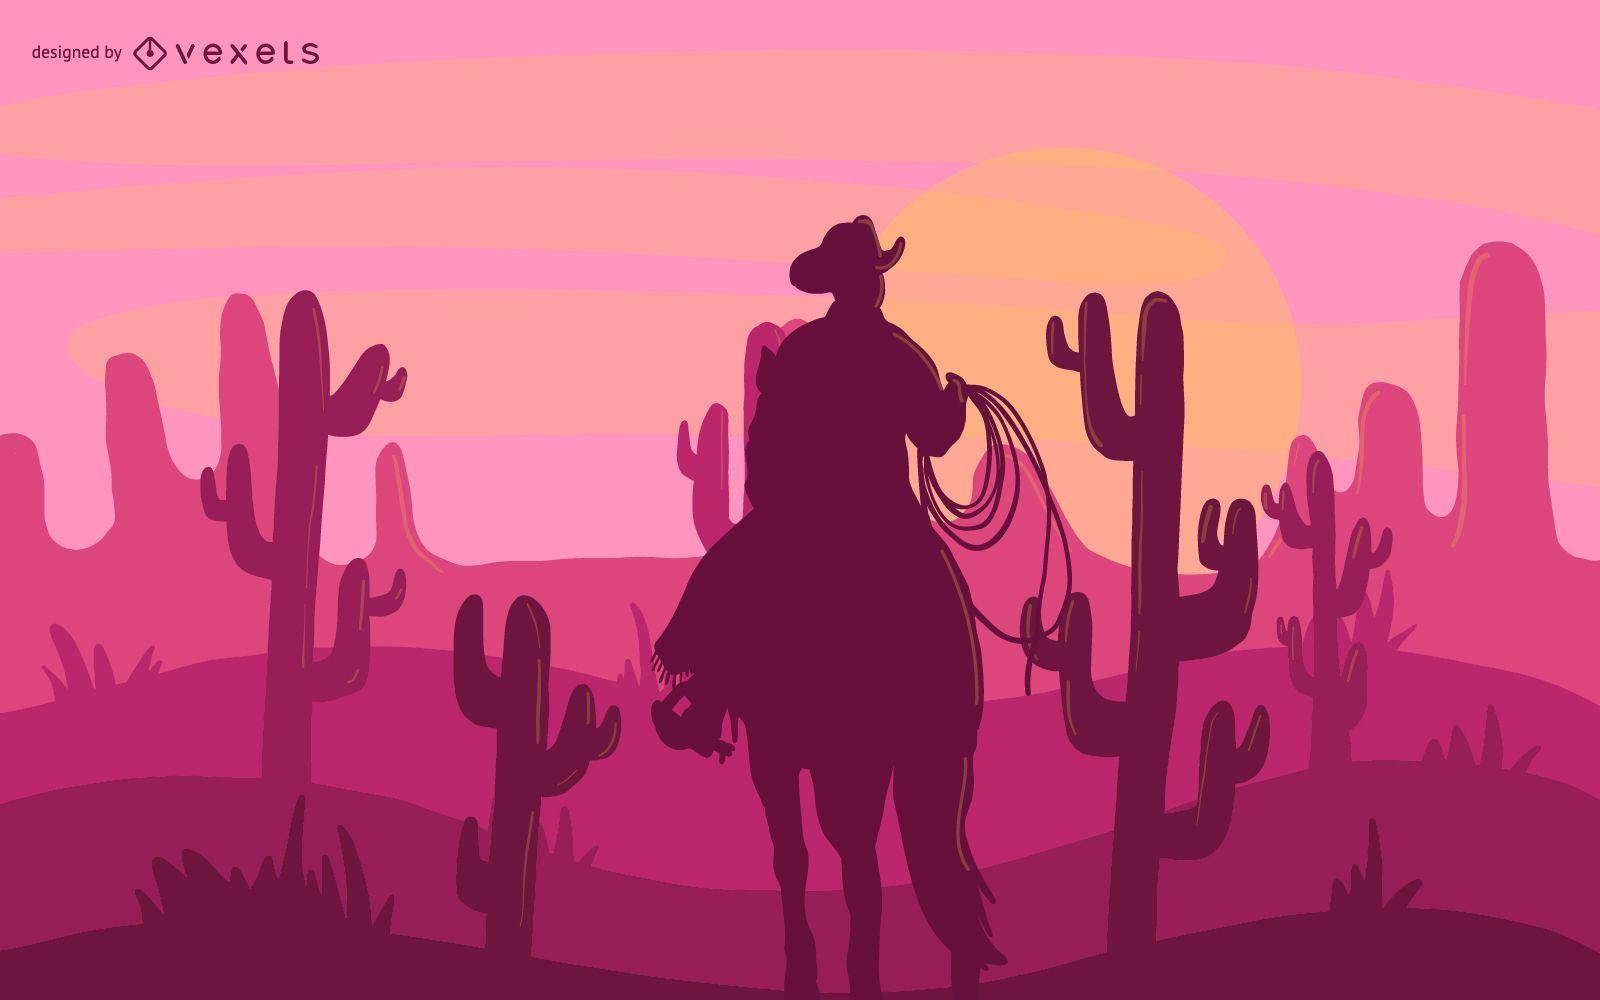 Ilustraci?n de vaquero del desierto